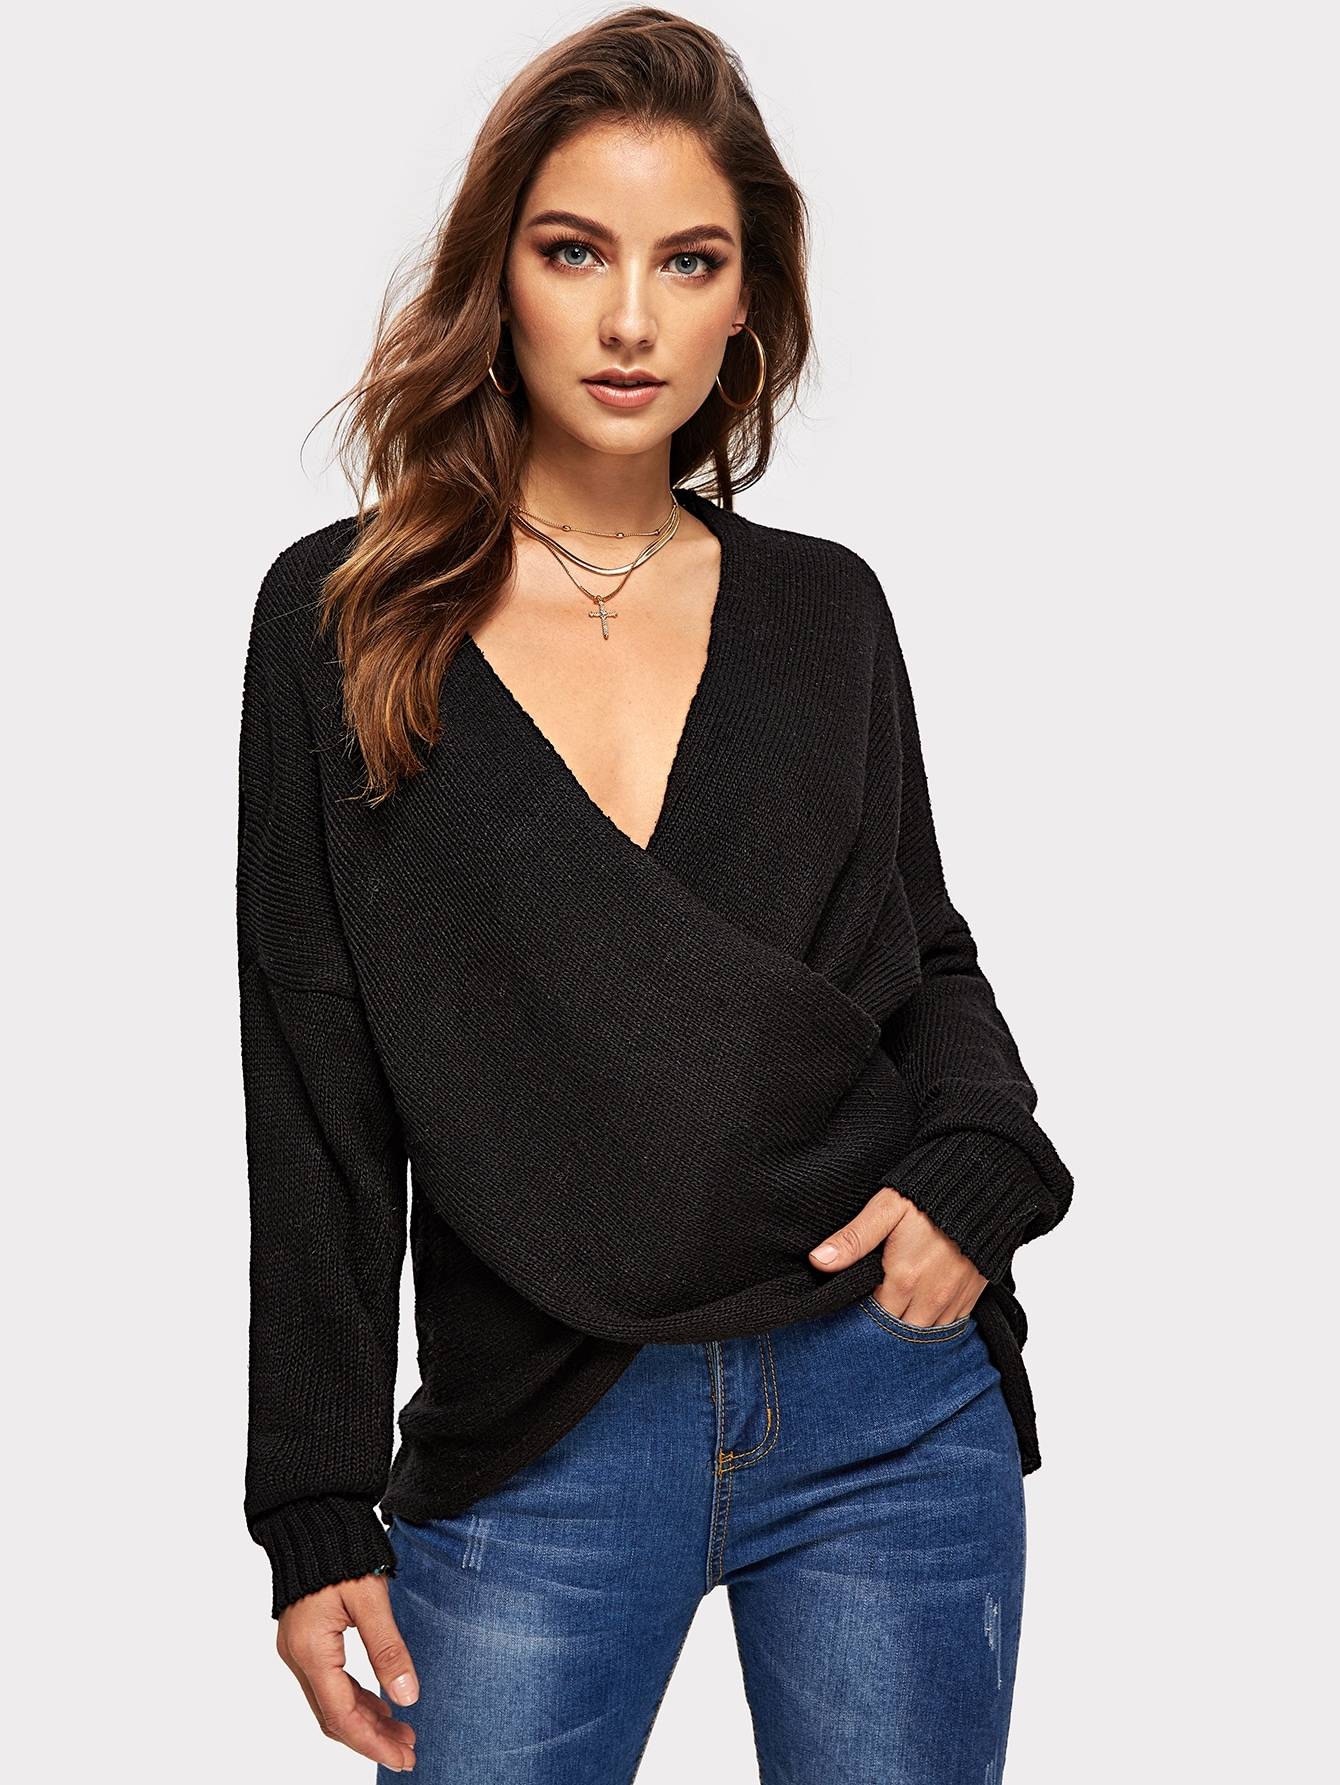 Купить Однотонный свитер с глубоким вырезом, Debi Cruz, SheIn